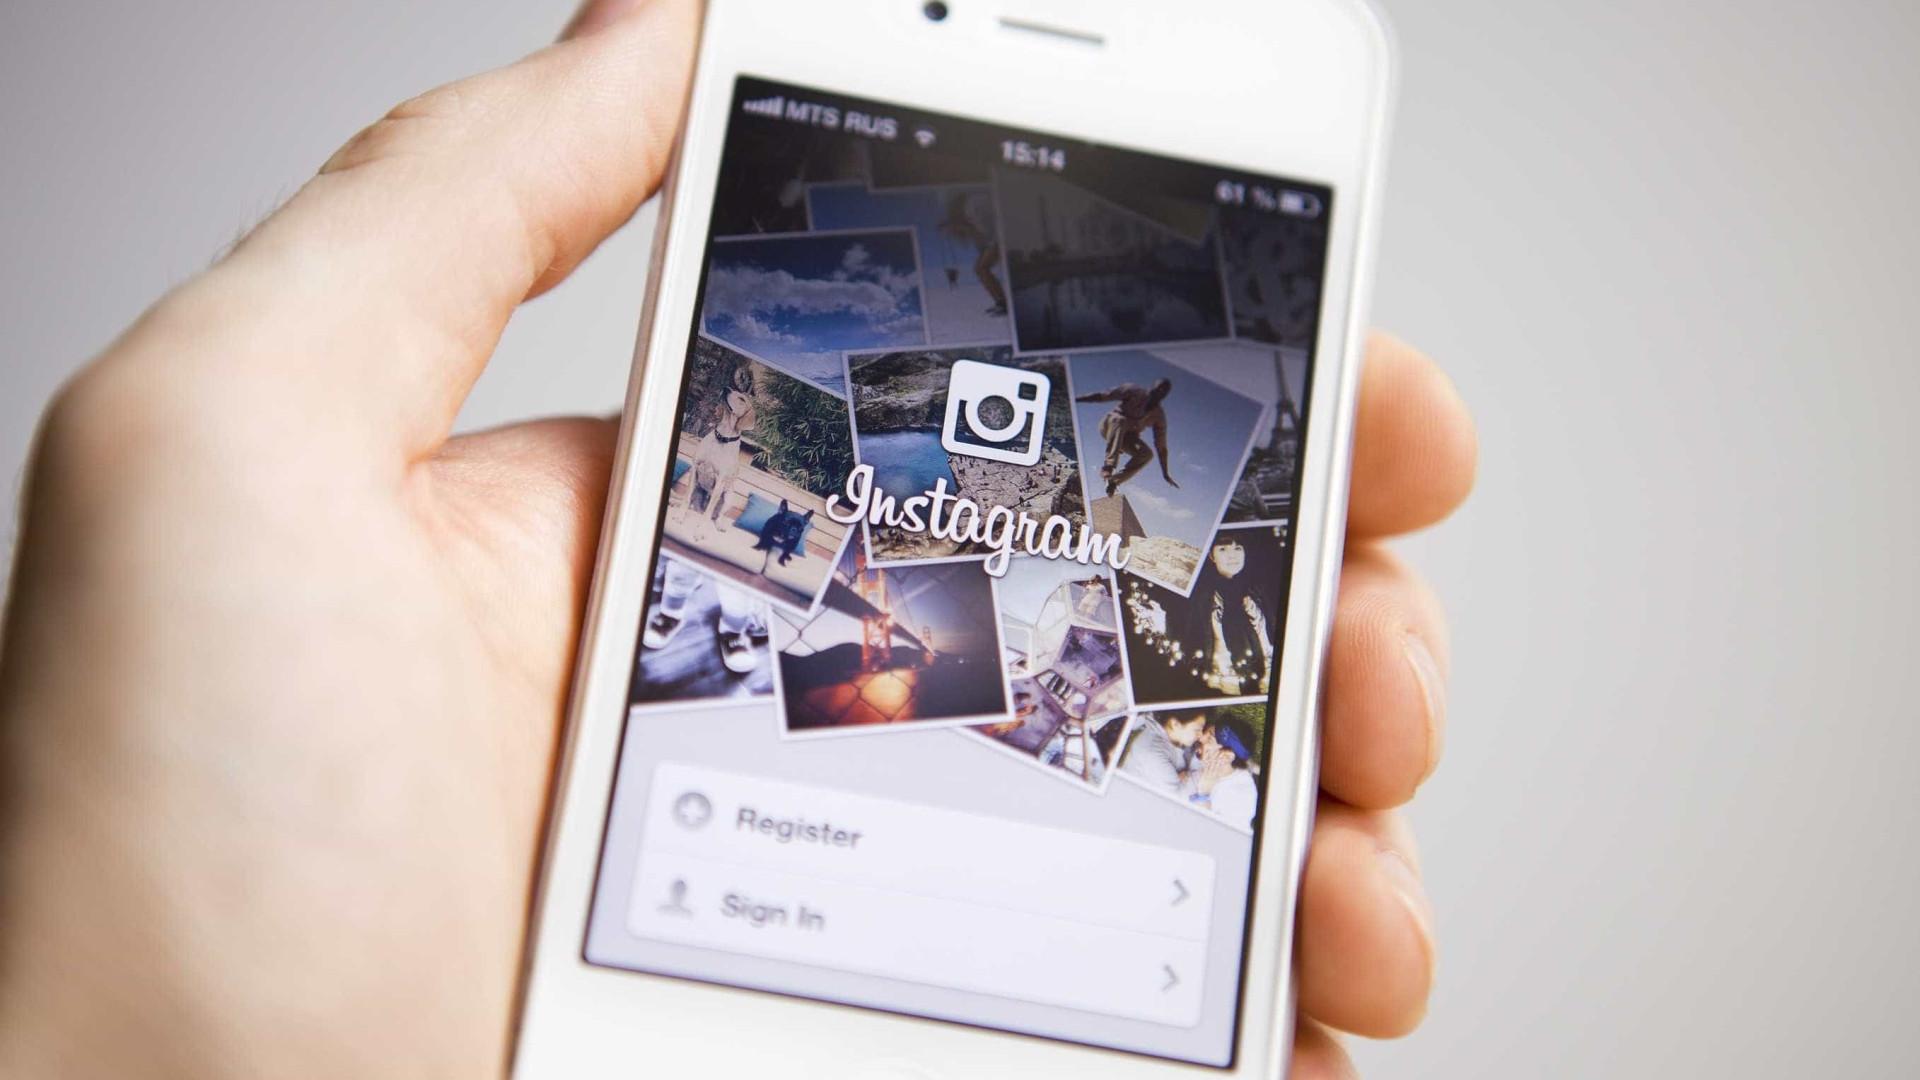 Instagram estaria preparando app focado em compras